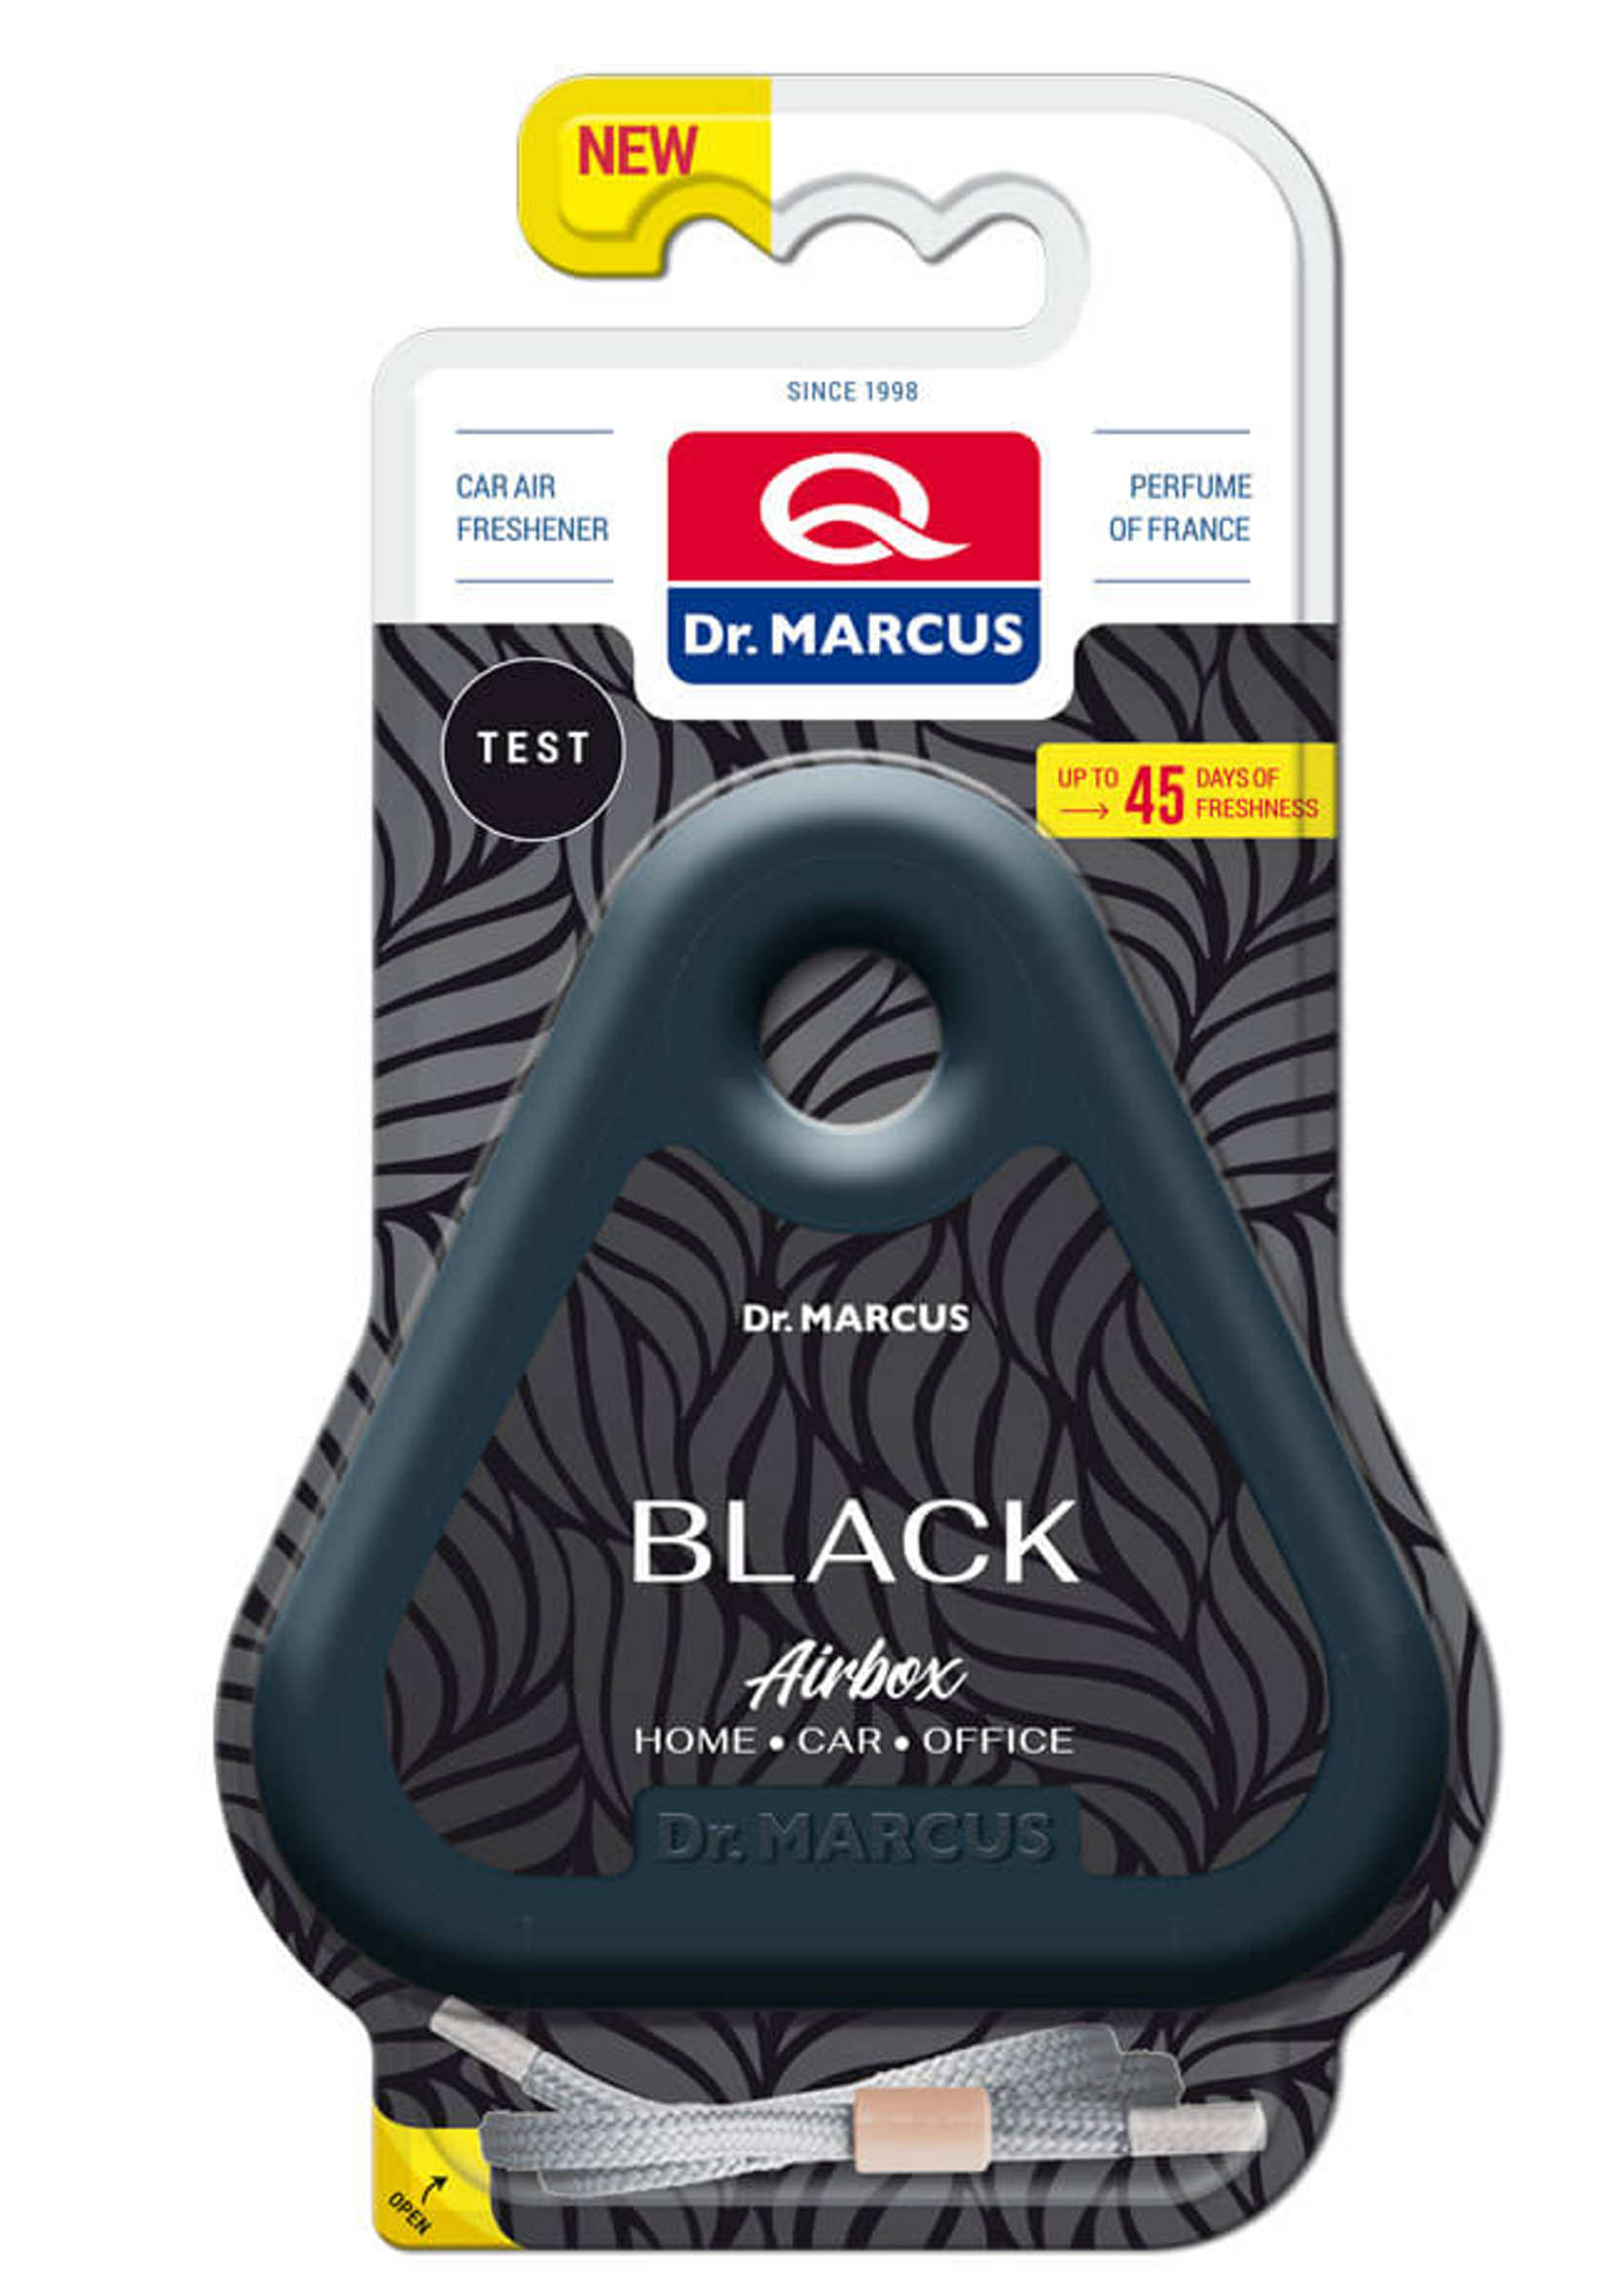 Dr Marcus Airbox Black Odświeżacz zapach samochodowy pod siedzenie